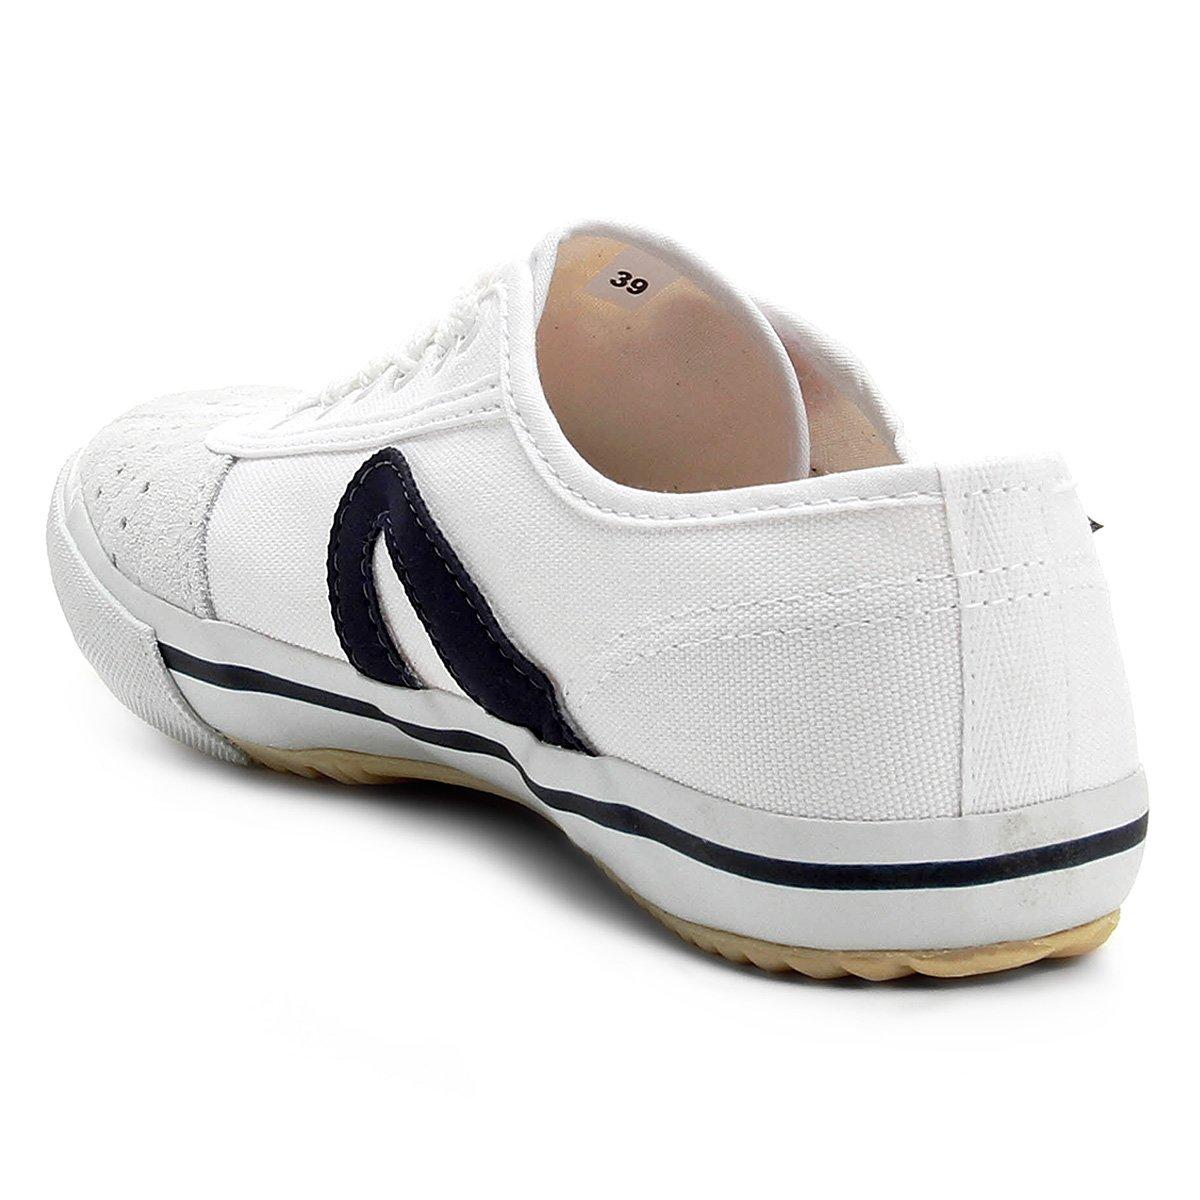 a90826a3e93 Tênis Masculino Rainha VL-2500 Branco e Marinho - Compre Agora